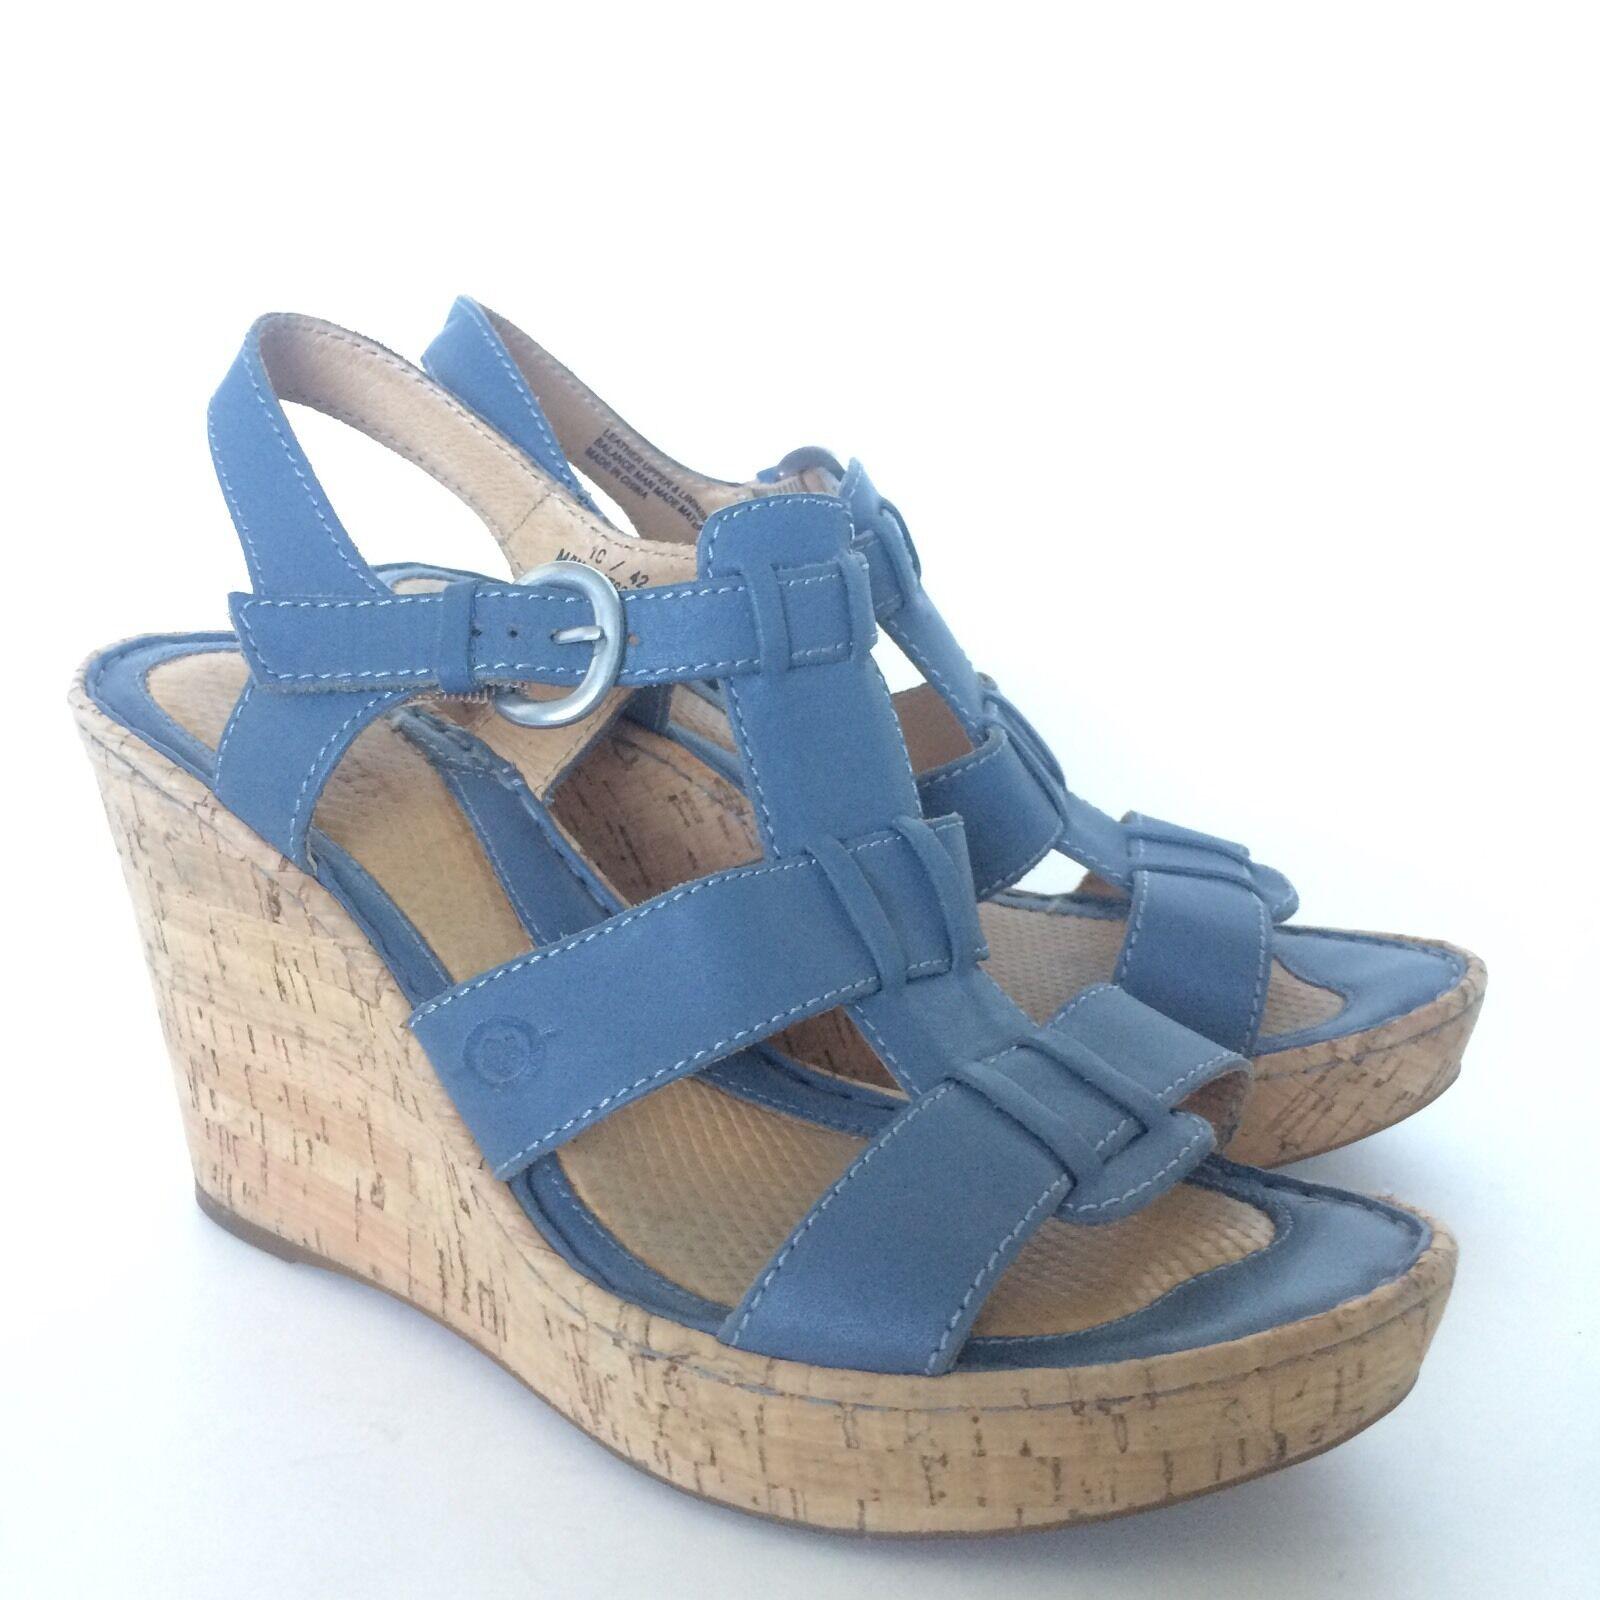 Born Womens Leather Platform Wedge Sandals Sandals Sandals Size 10 EUR 42 Comfort shoes 4a35f6